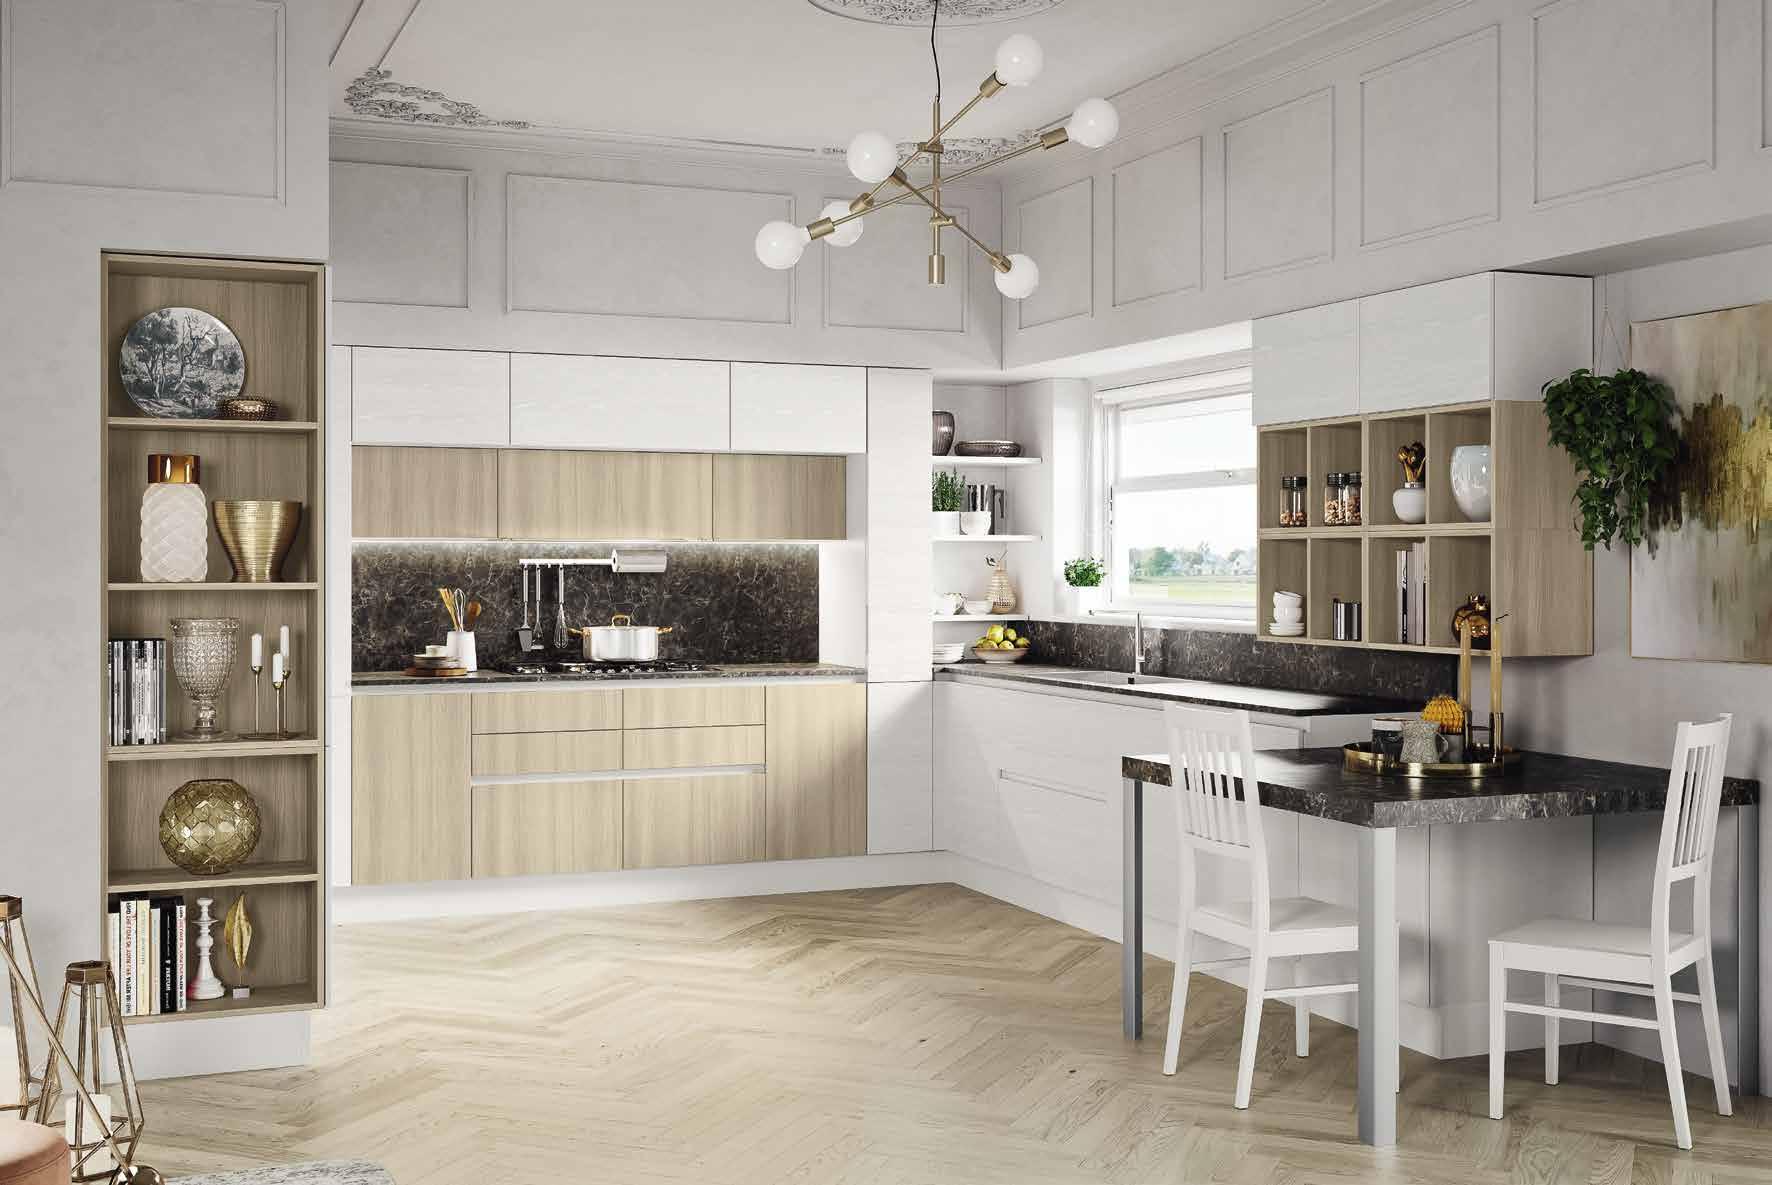 Κουζινα σε γκρι ματ ανοιχτου πορου με νησιδα και στρογγυλα τελειωματα